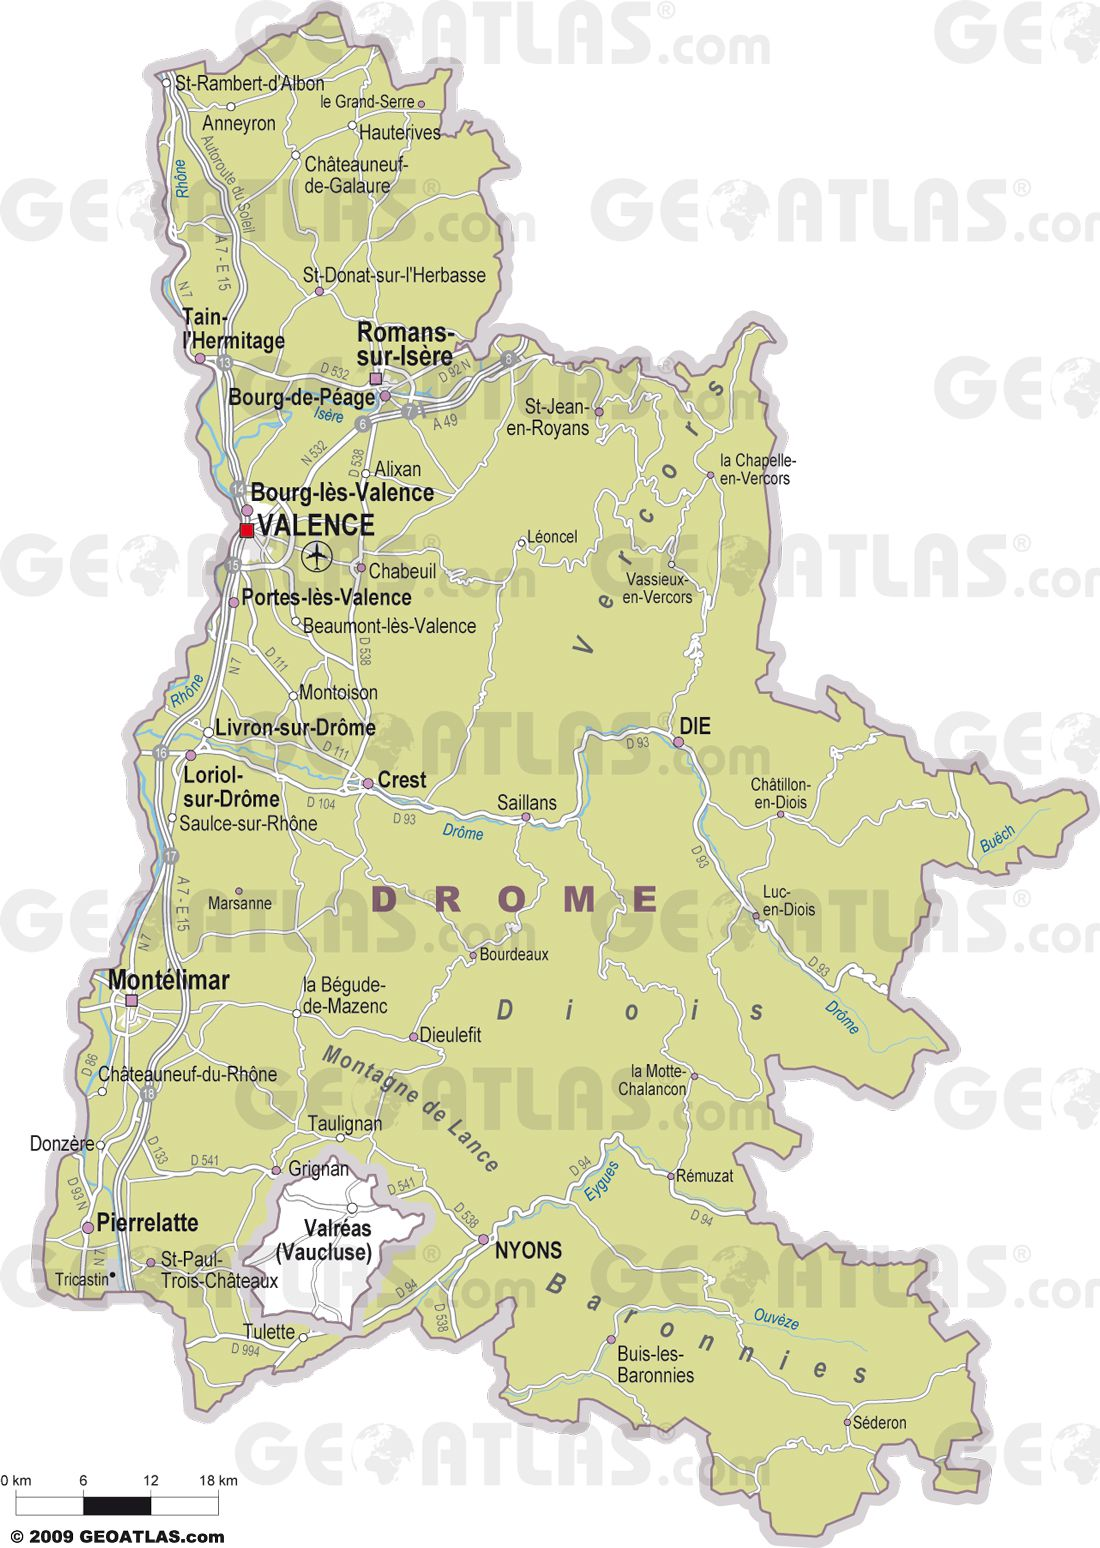 Carte des villes de la Drôme